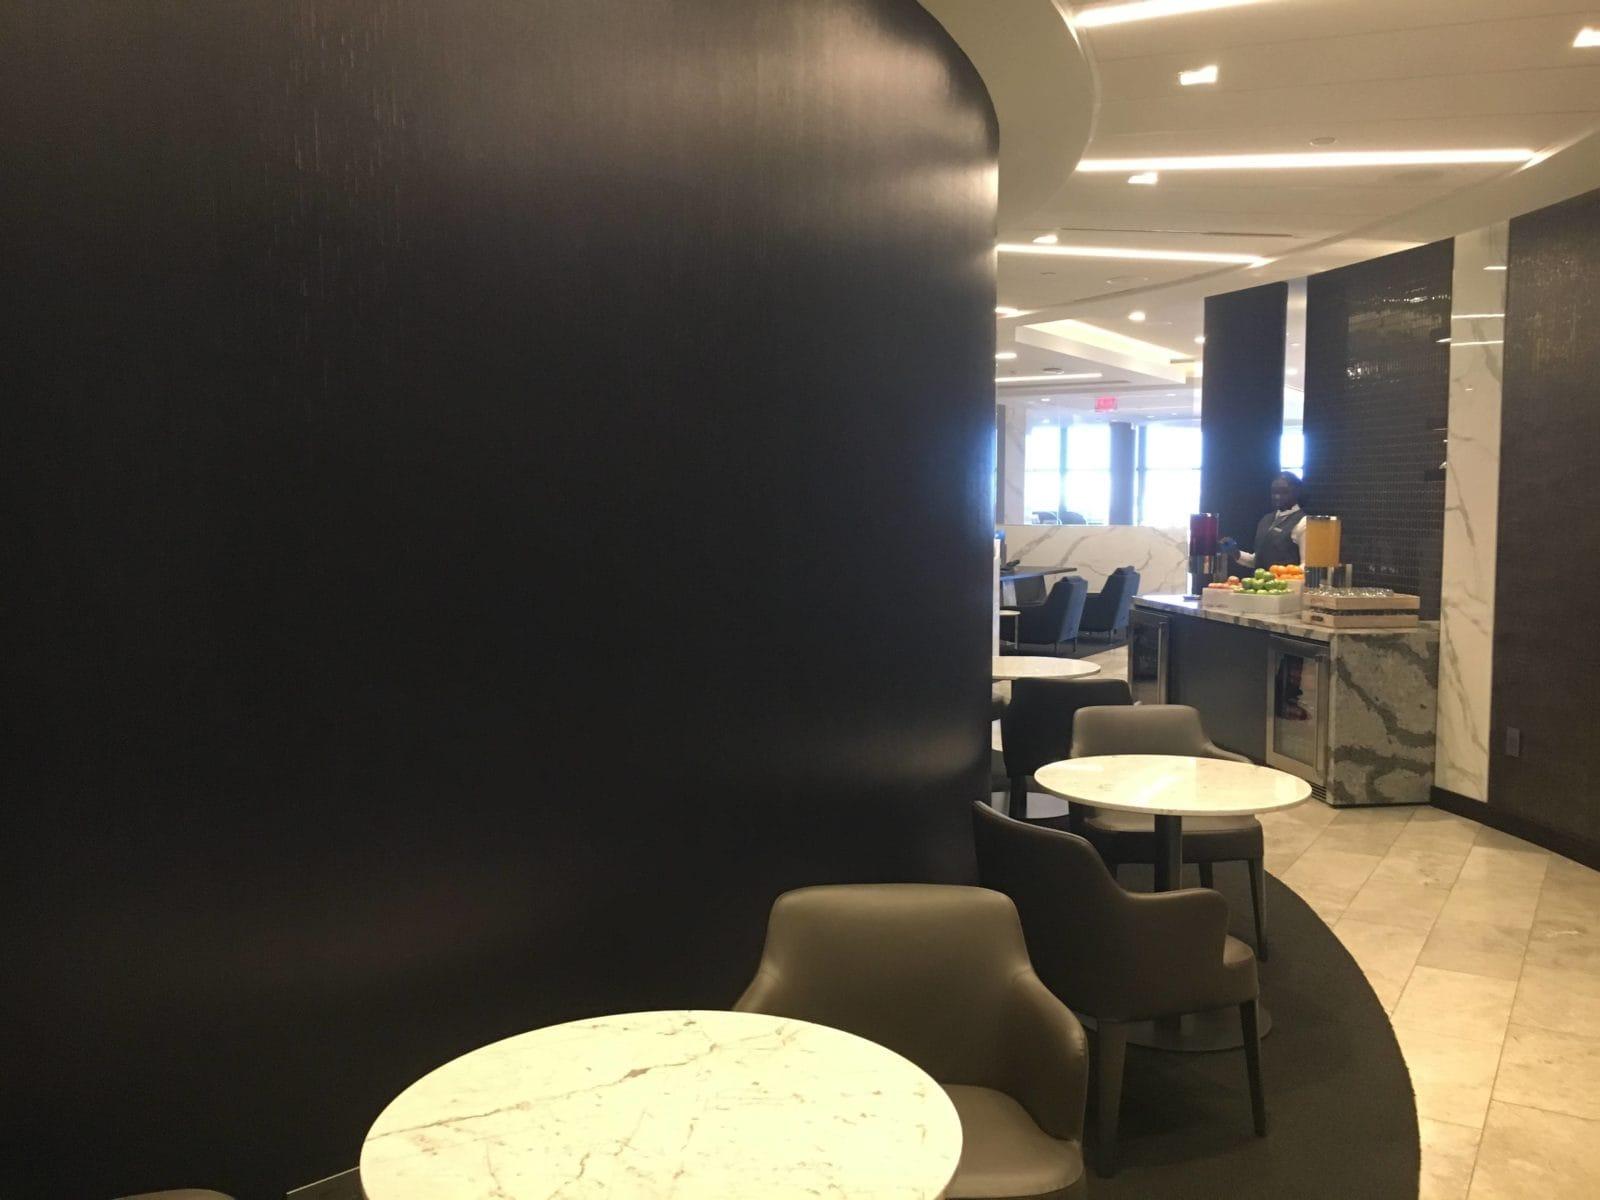 United Polaris Lounge LAX - Sitzmöglichkeiten in der Rotunda